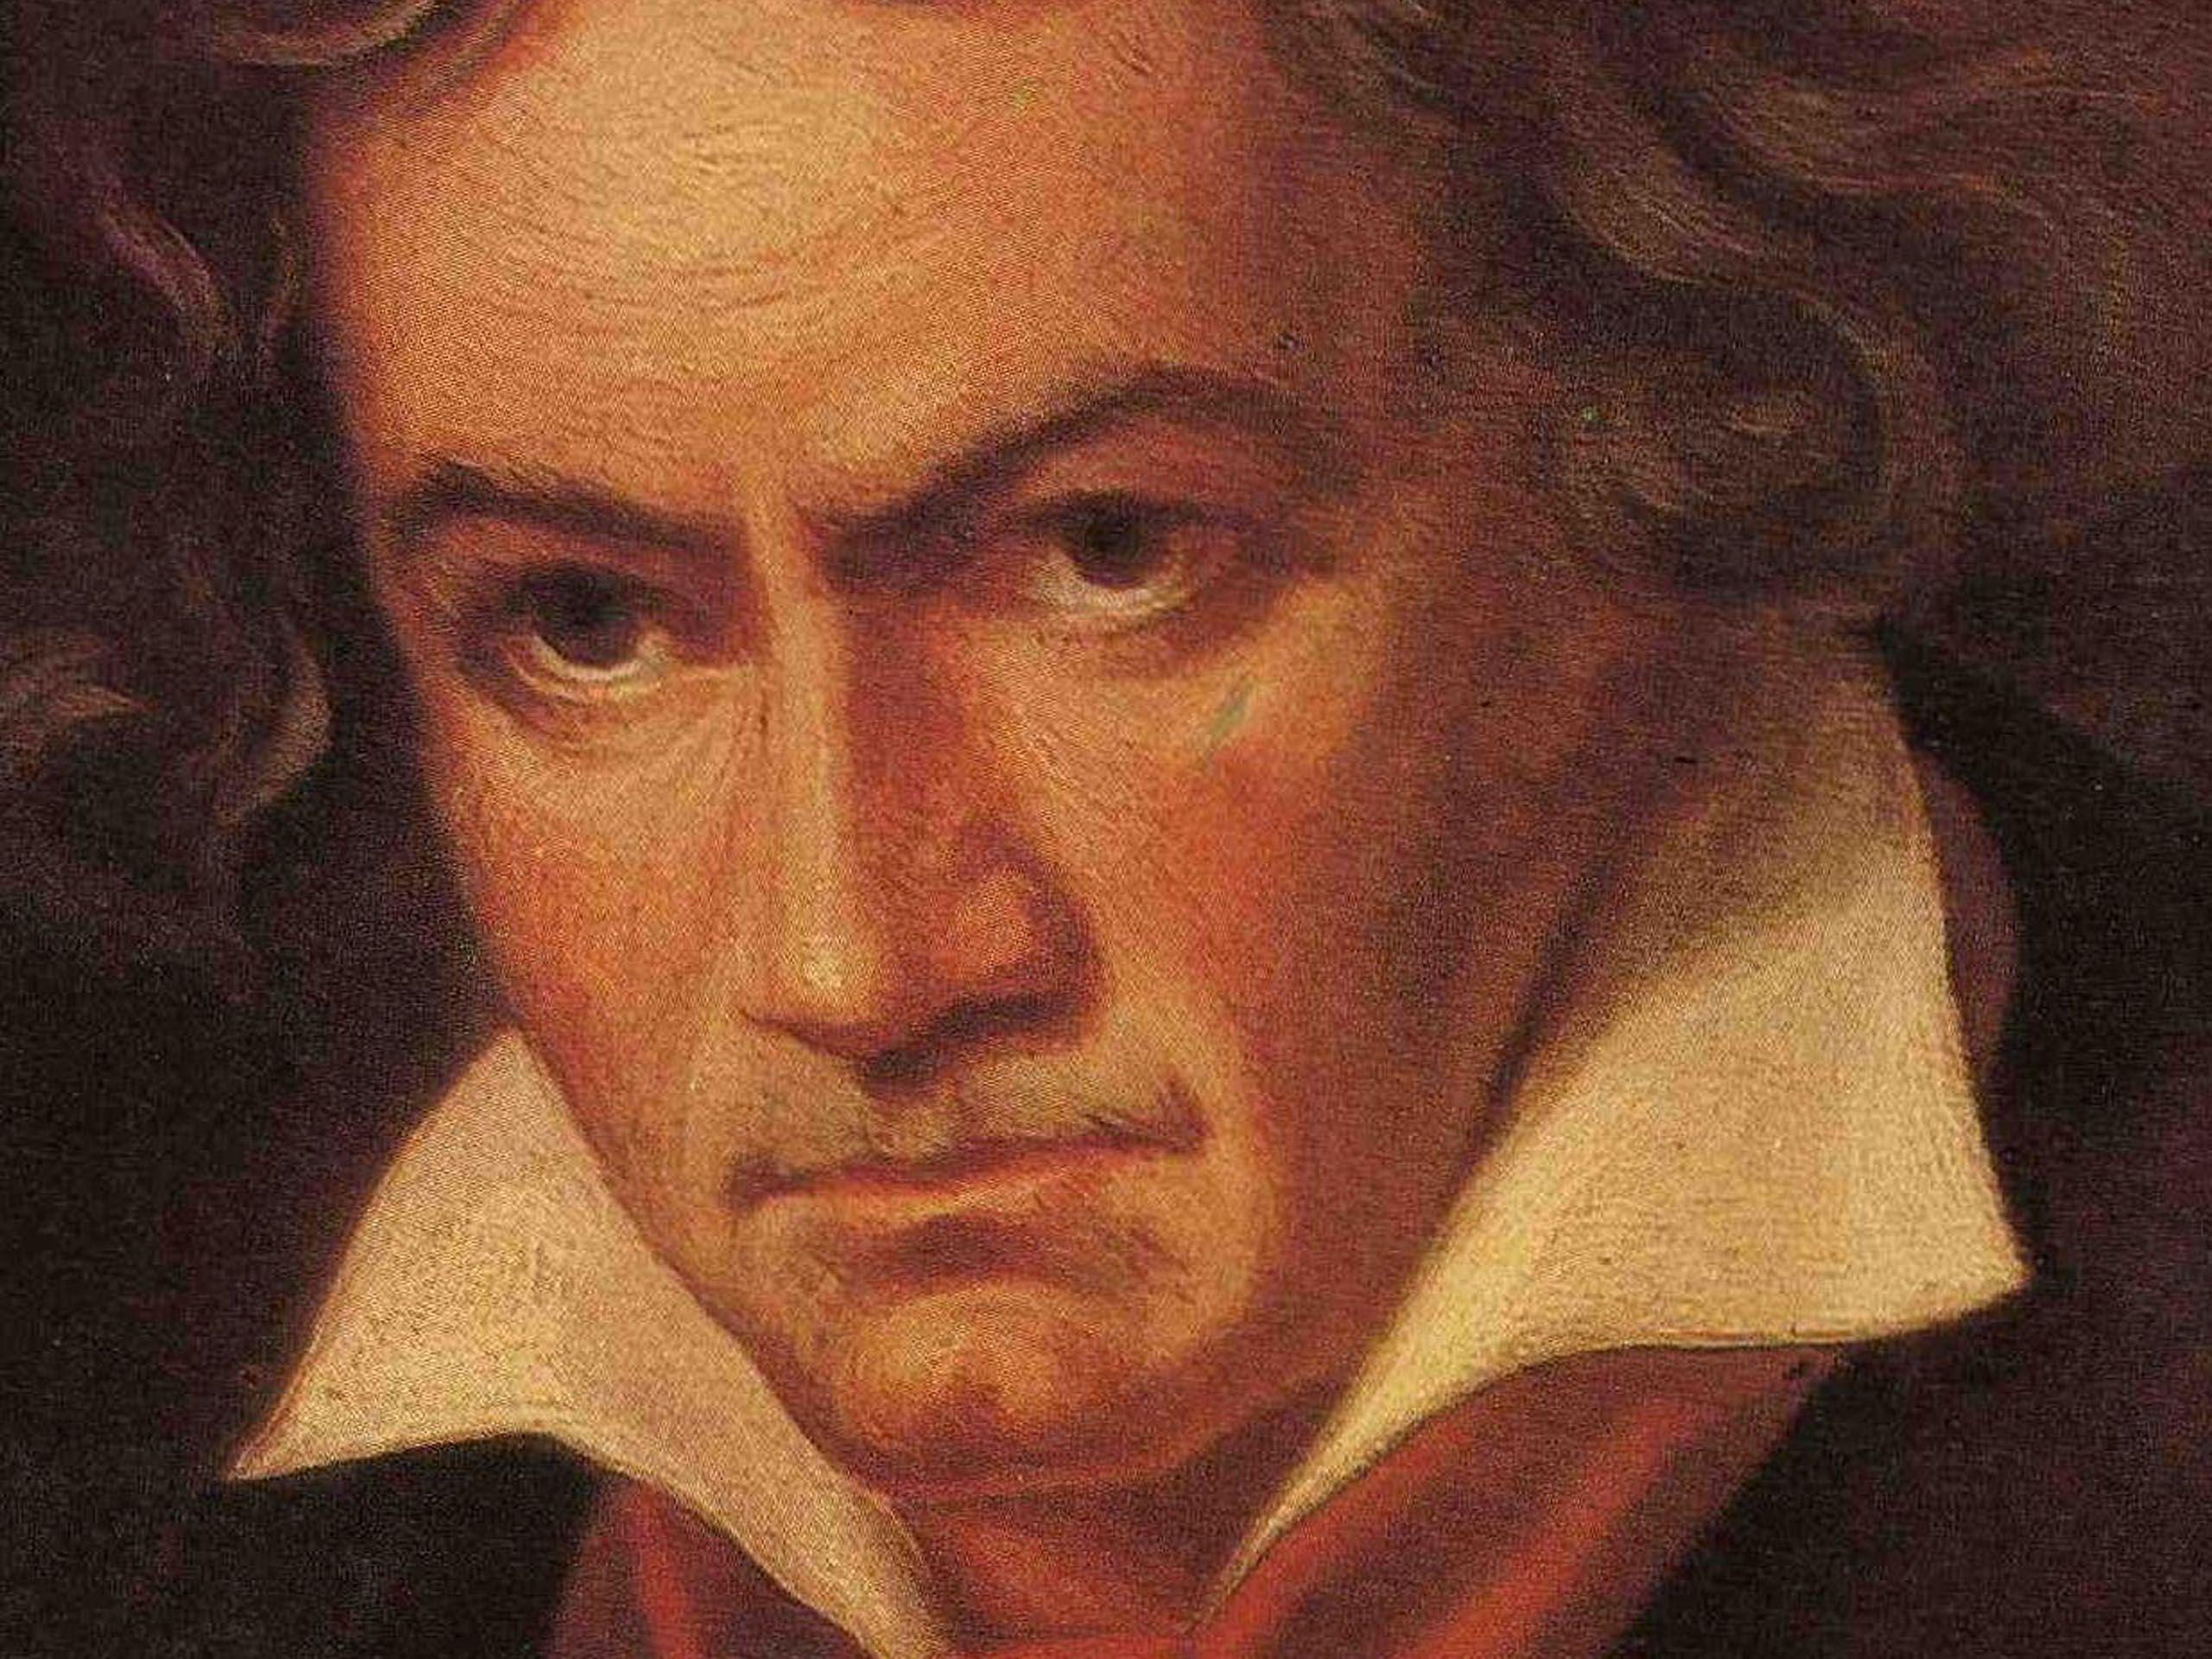 A rejtélyes Beethoven-szimfónia Budapesten